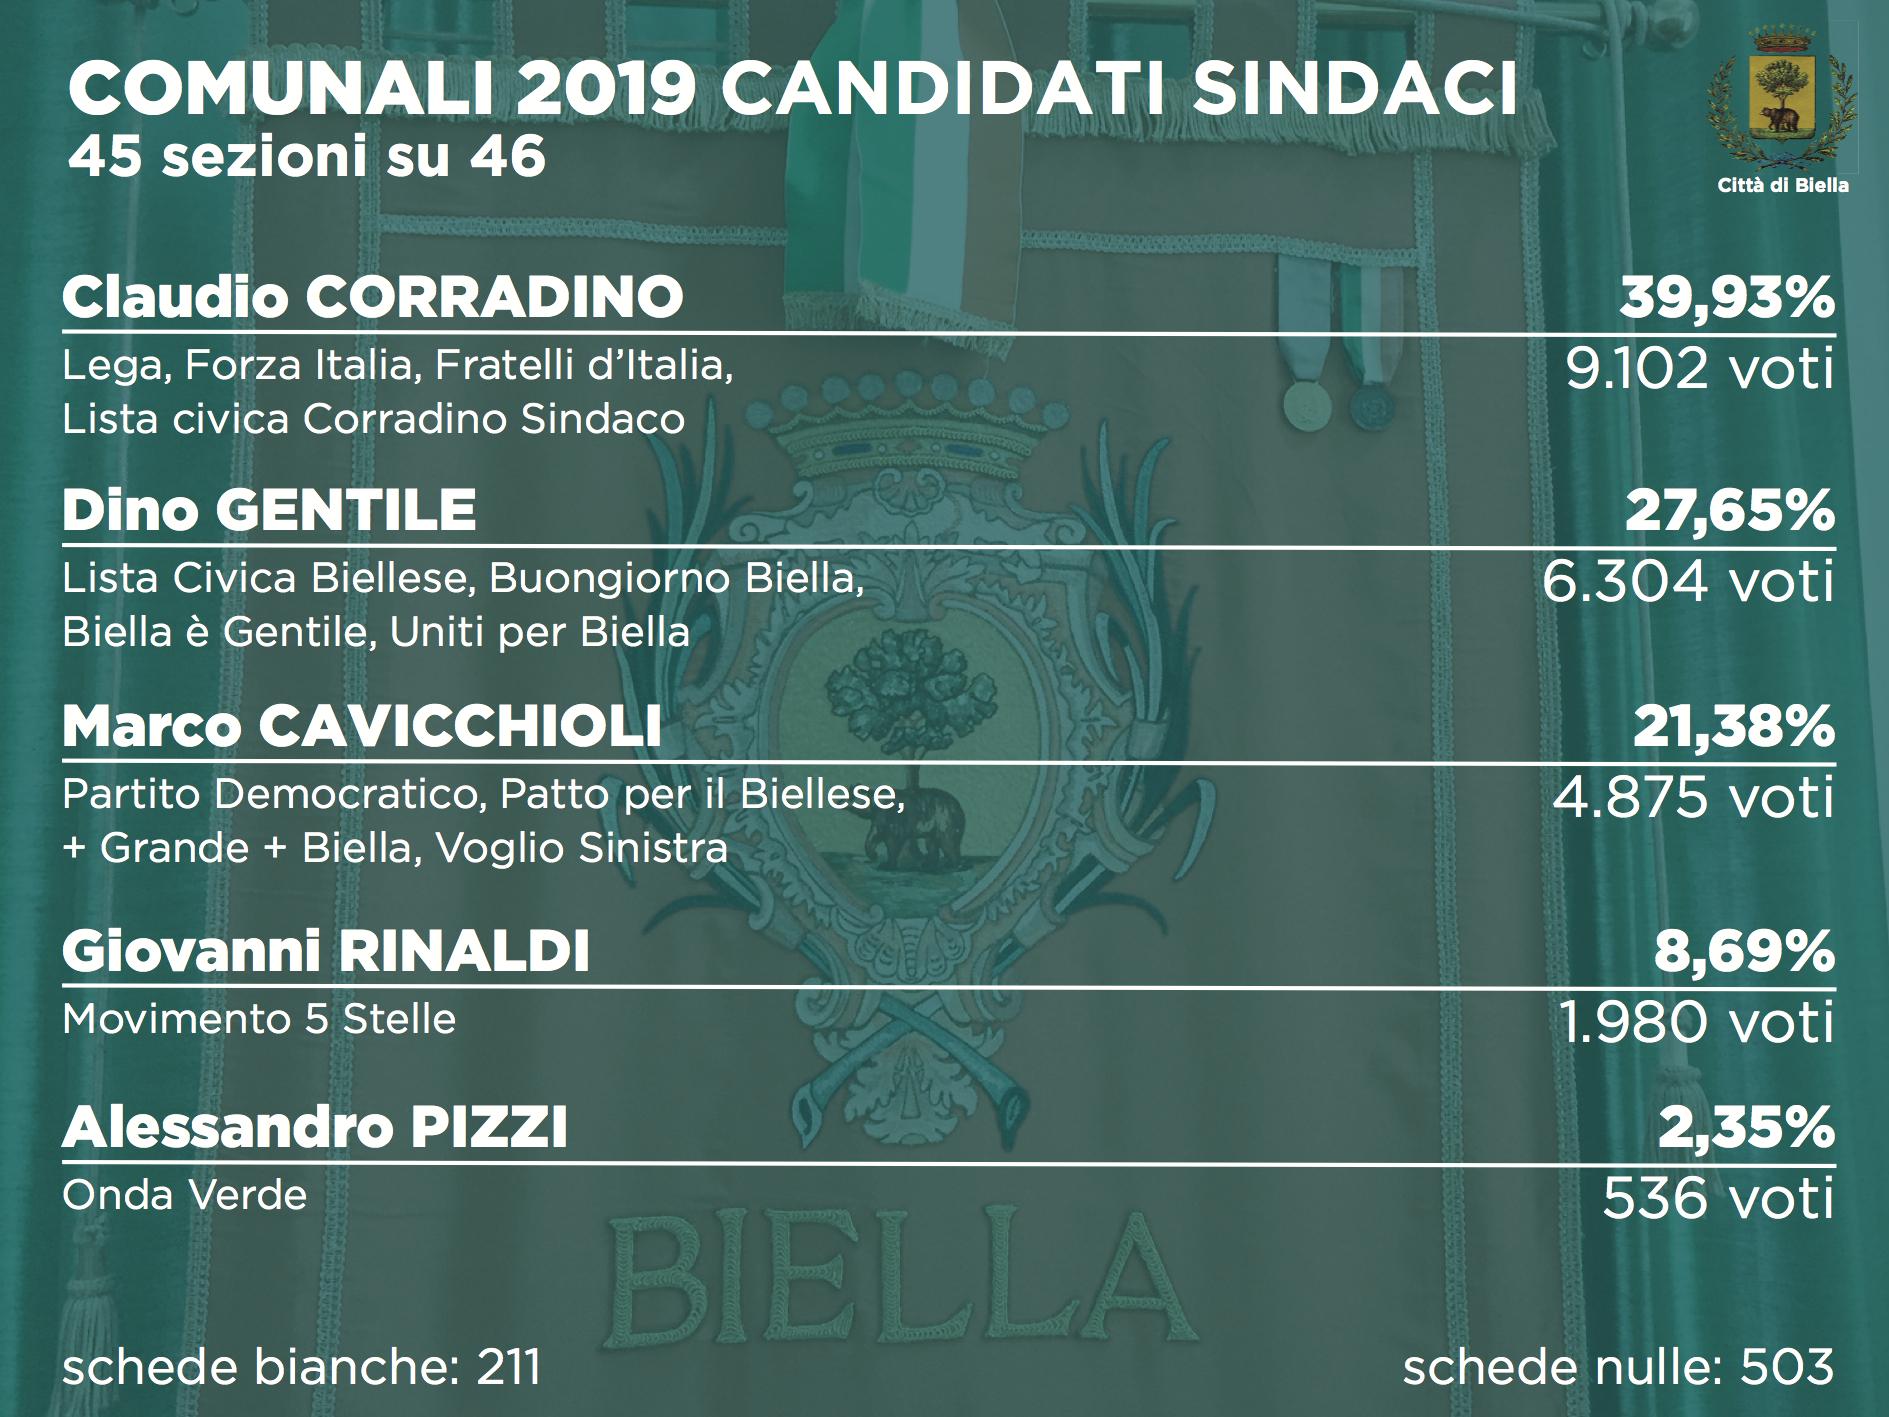 Elezioni 2019, i risultati alle comunali dopo 45 sezioni